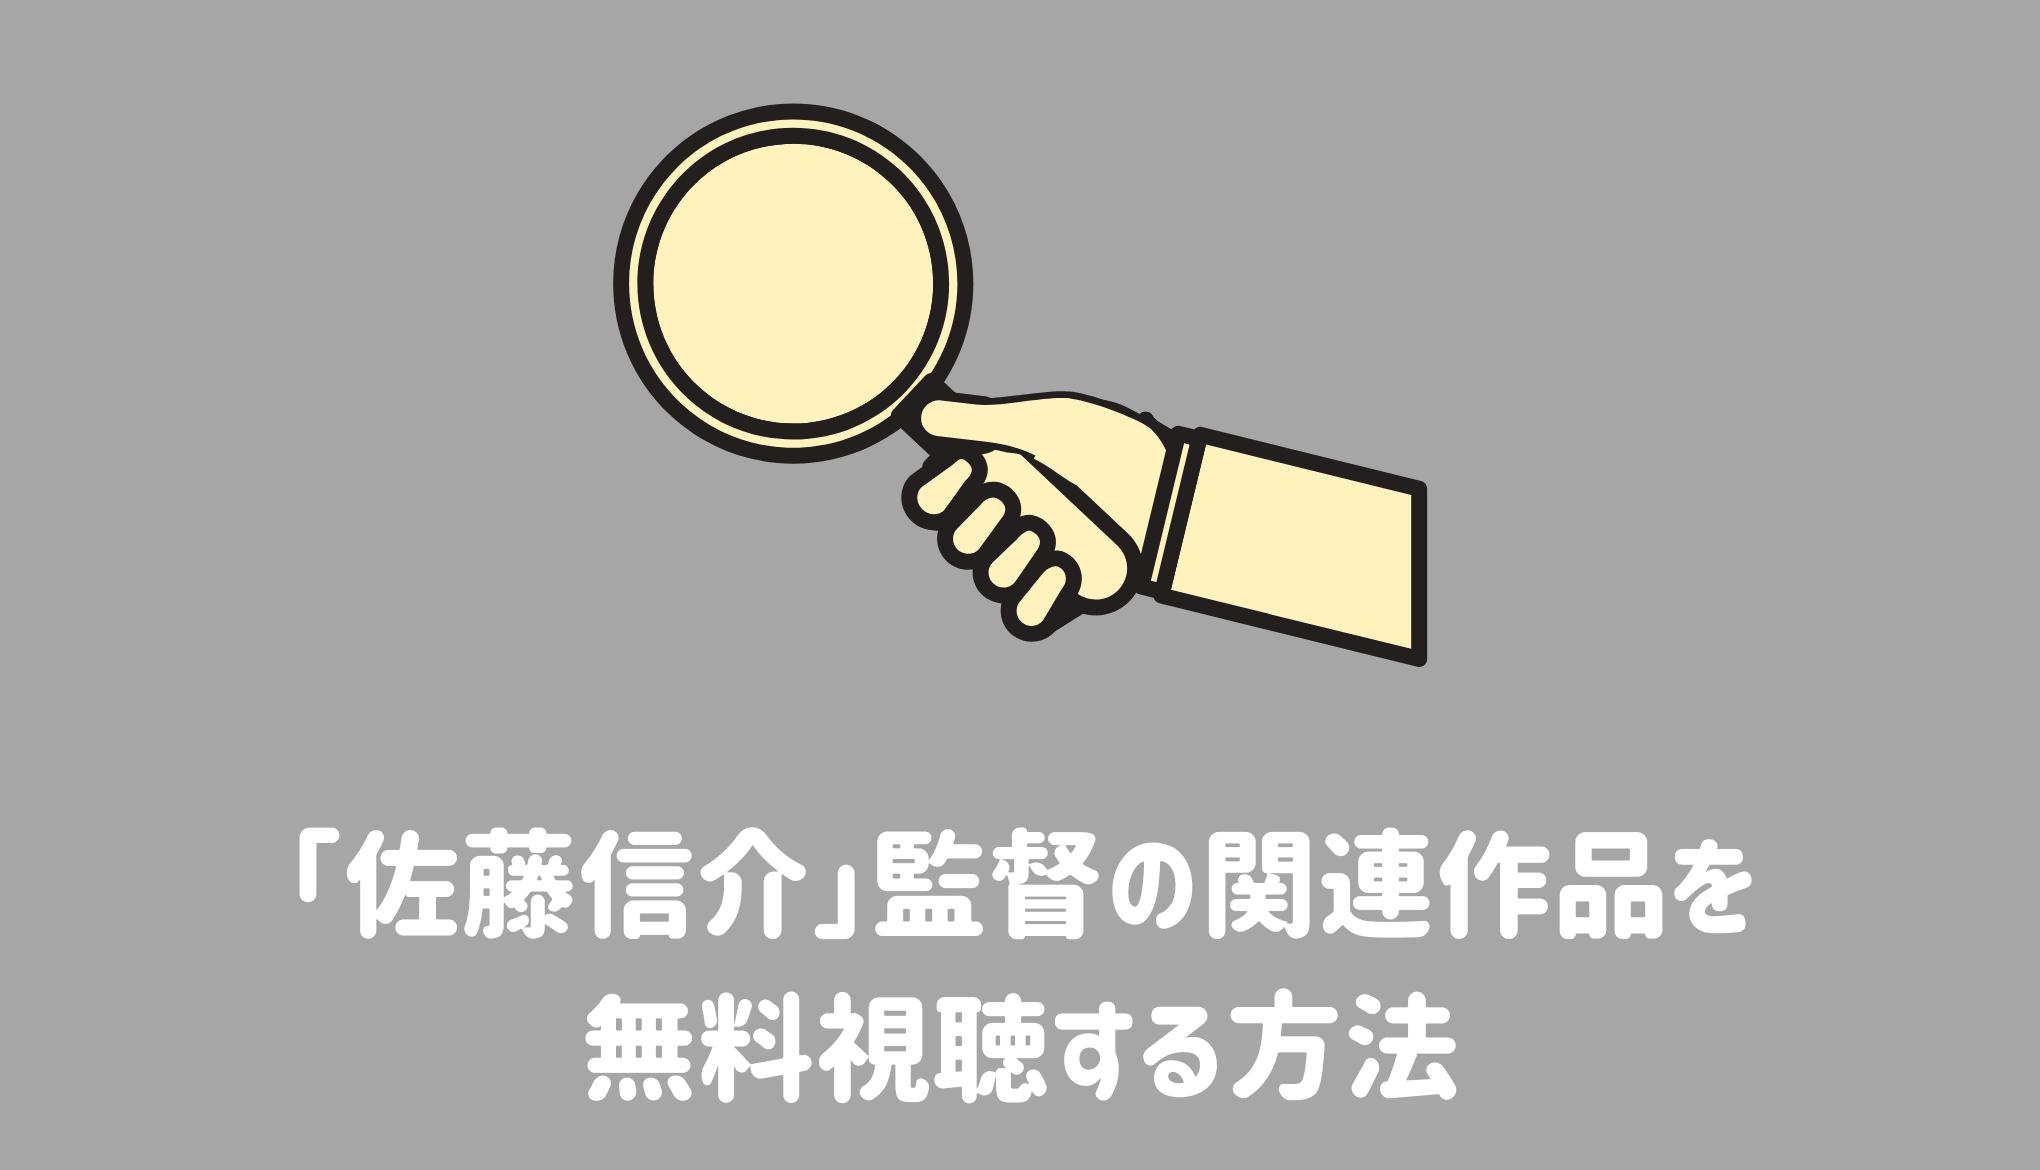 佐藤信介監督の関連作品を無料視聴する方法